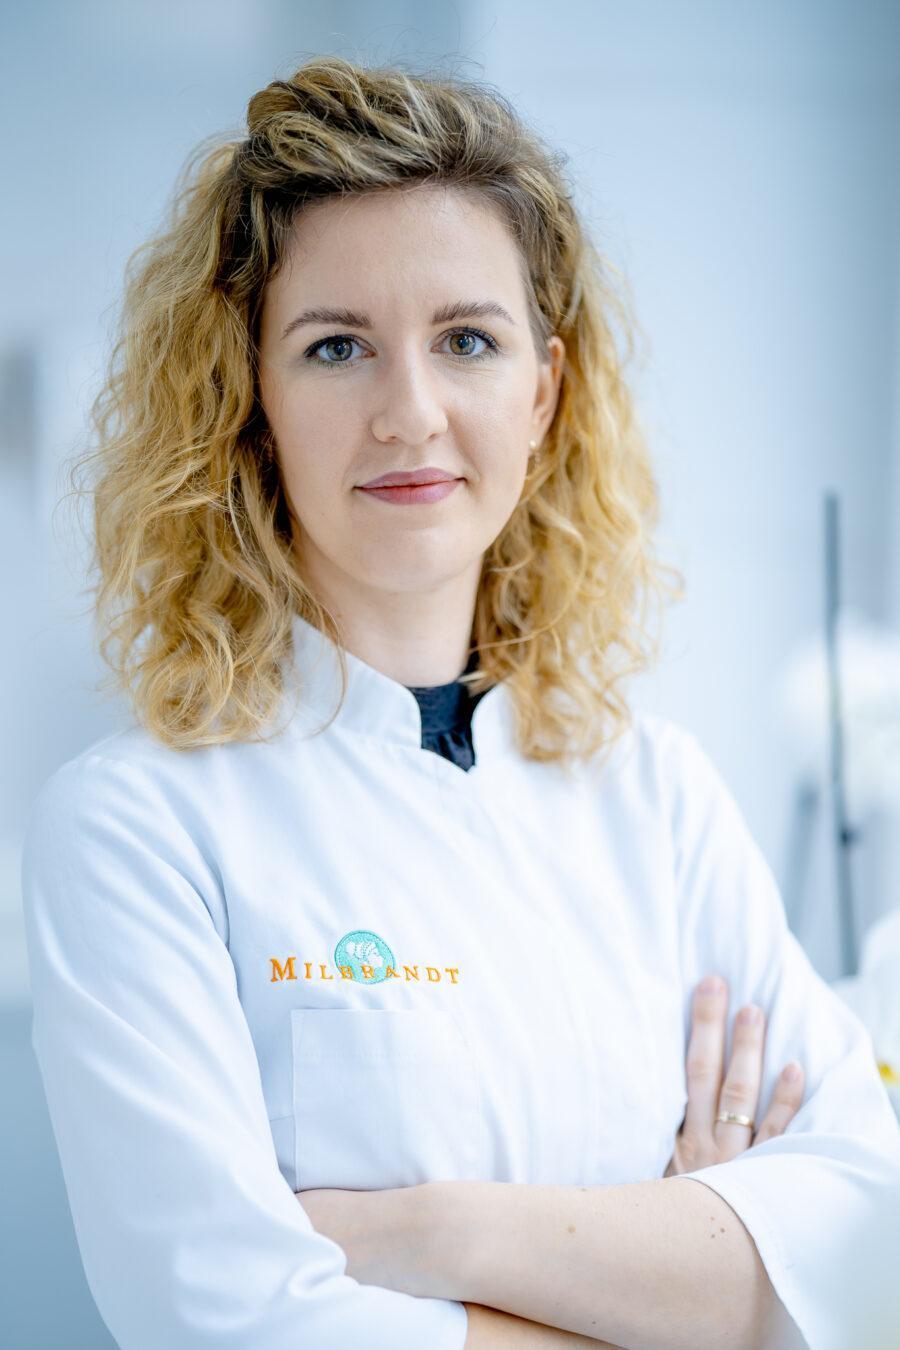 Martyna Maczyszyn gabinet medycyny estetycznej milbrandt